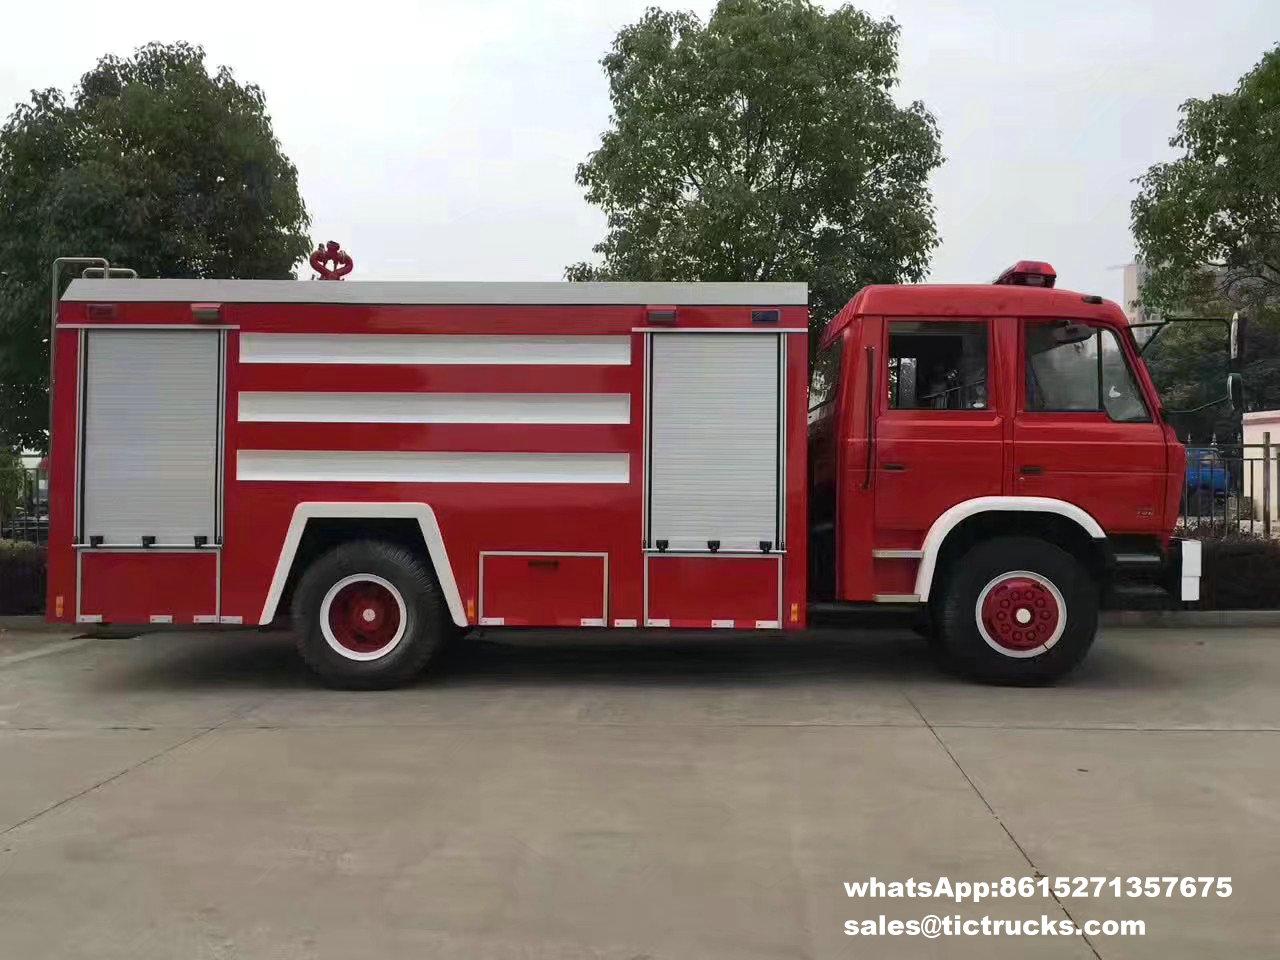 dongfeng fire truck water -09cbm_1.jpeg